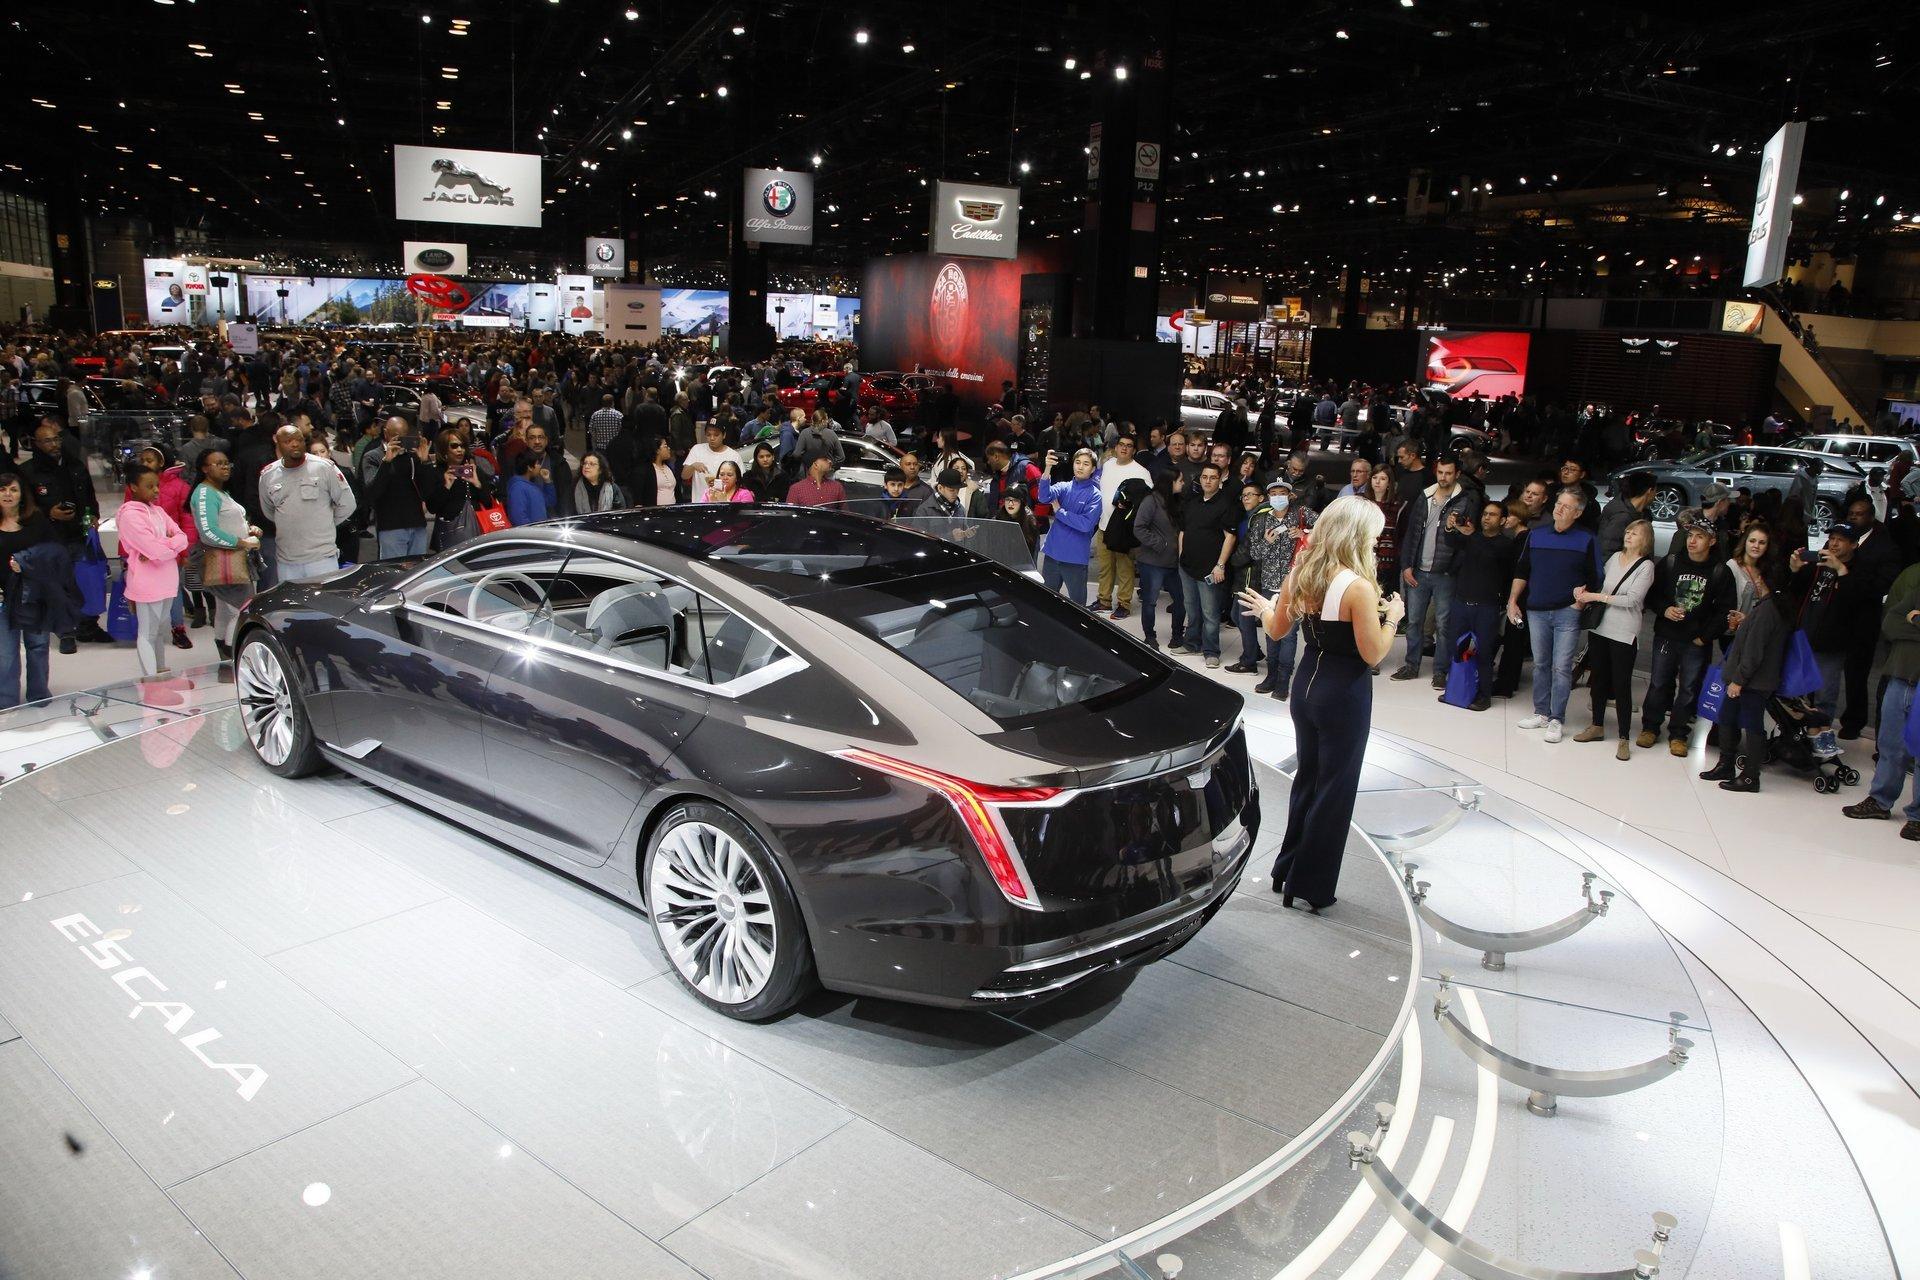 Chicago Auto Show in Chicago - Best Season 2020